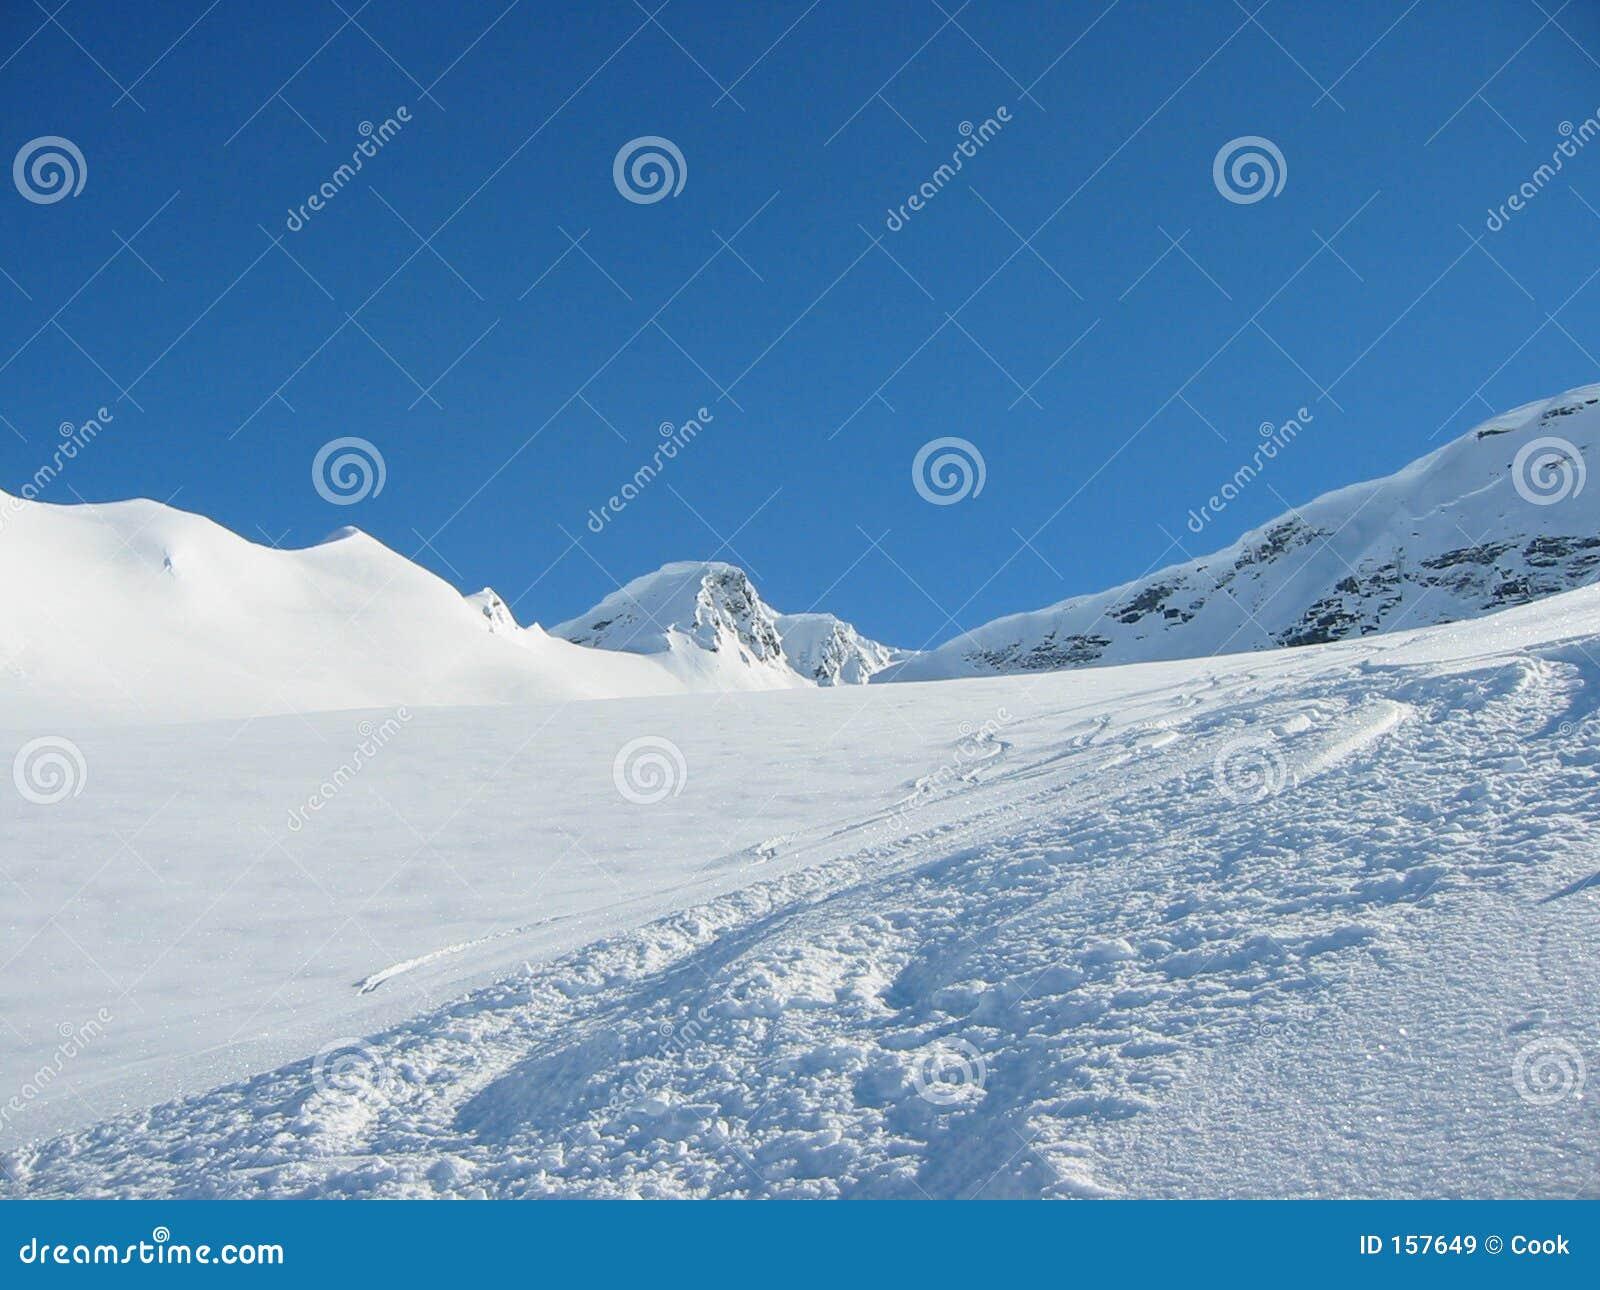 Backcounty Skiing